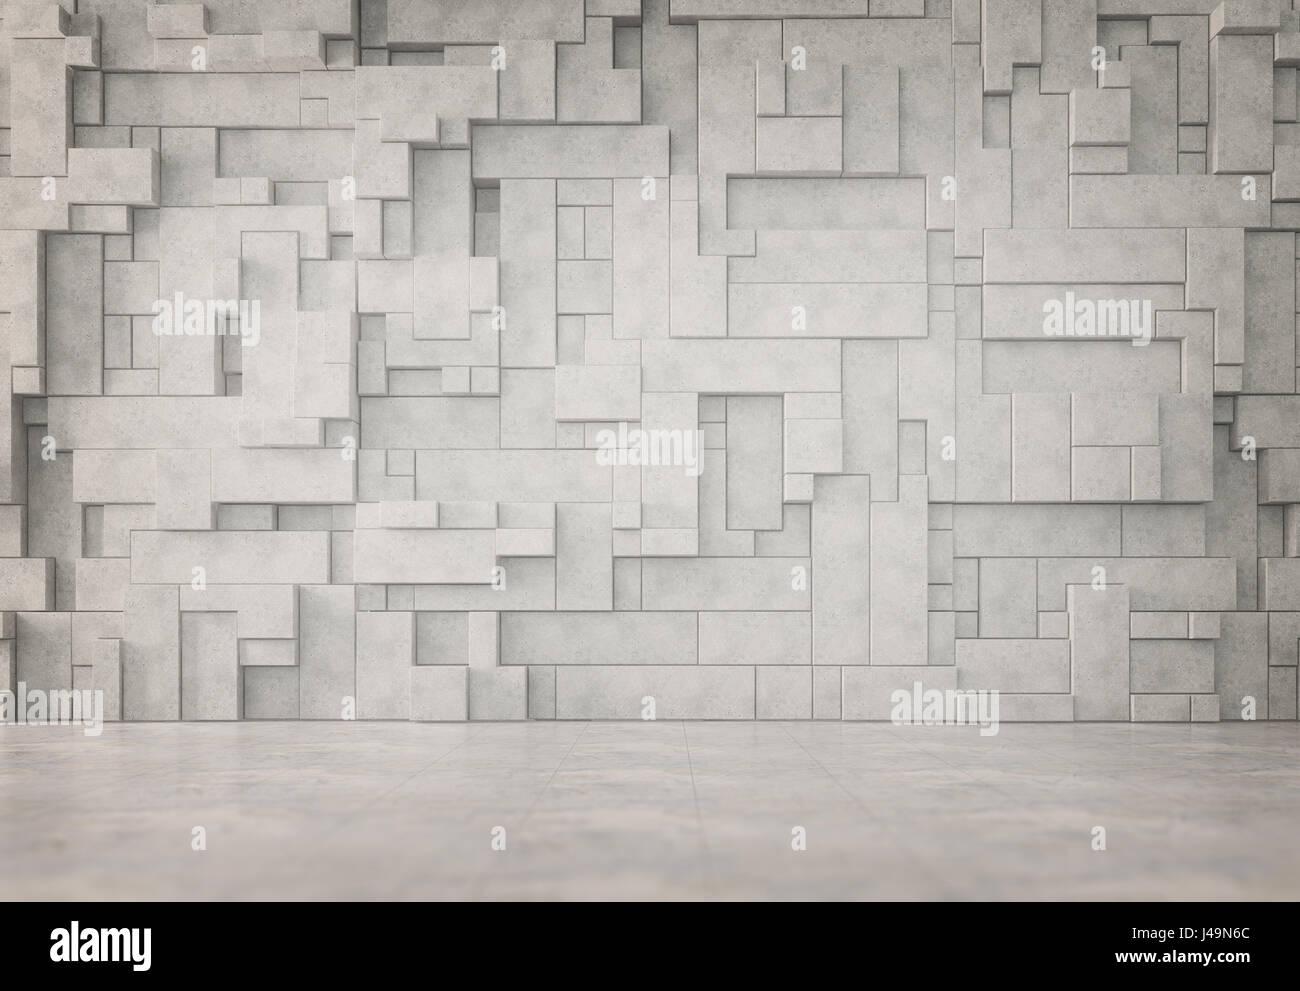 Résumé intérieur avec un modèle mur 3D Banque D'Images